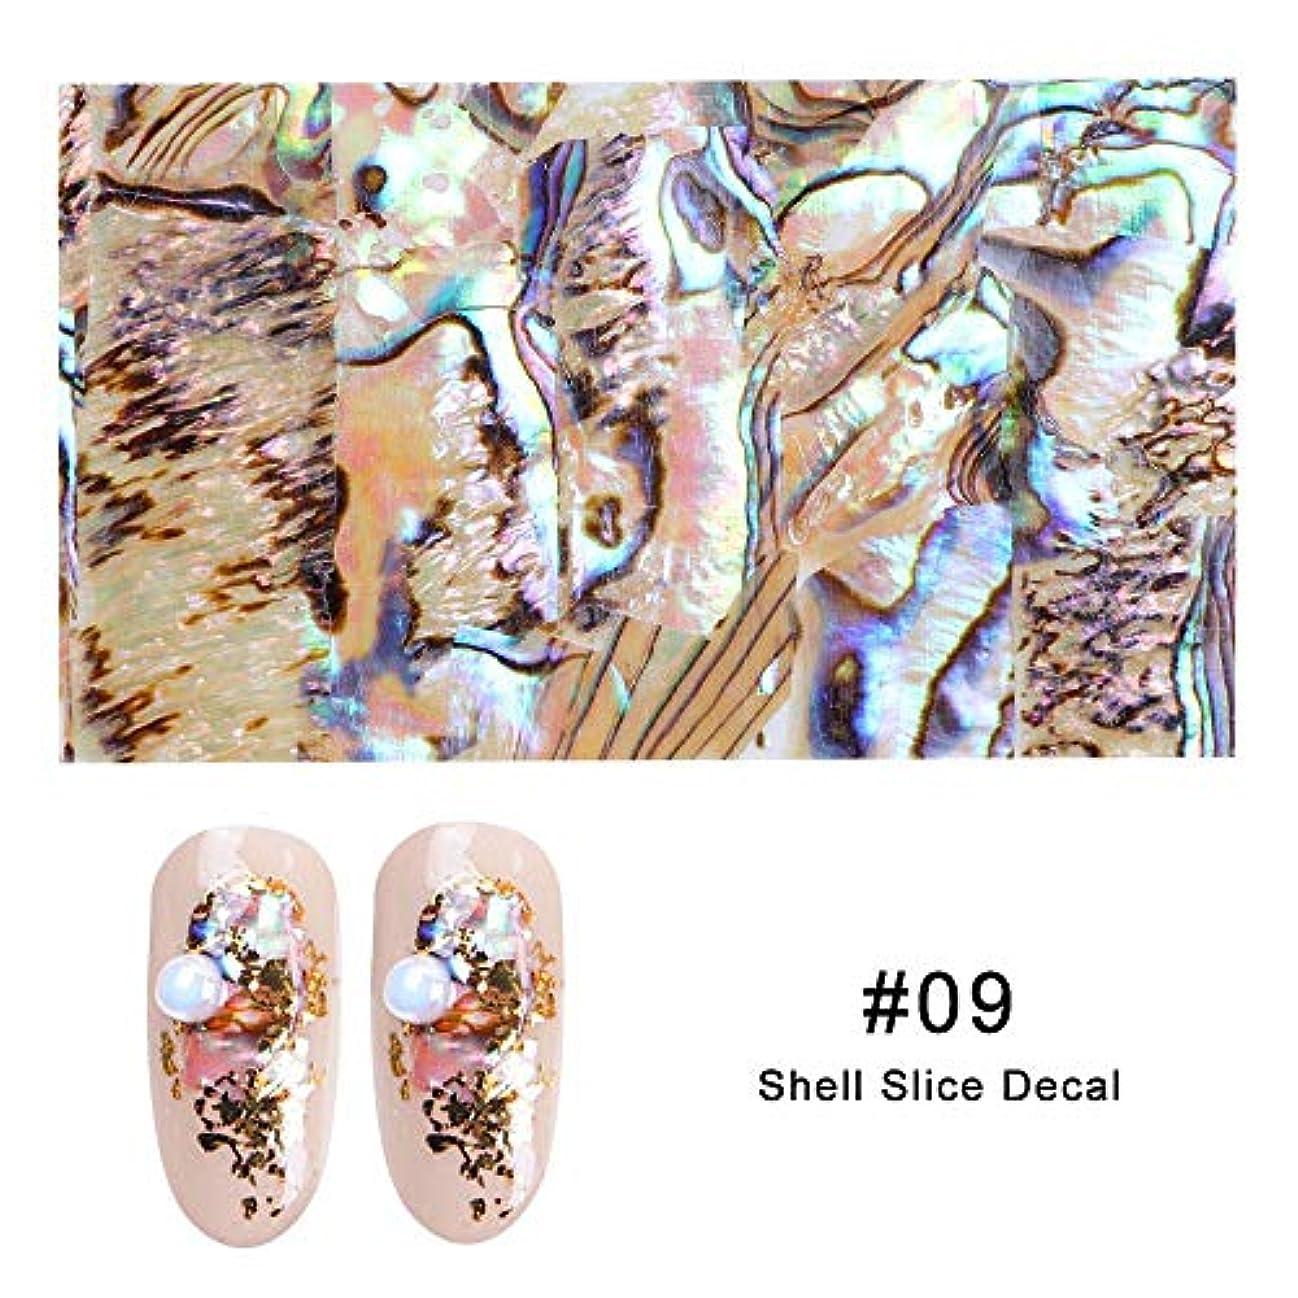 フィルタなめる抽象Artlalic 1シートシェルアワビネイルアートシールグラデーションマーメイドフレークネイル箔シーサイドデザインステッカーデカール15色